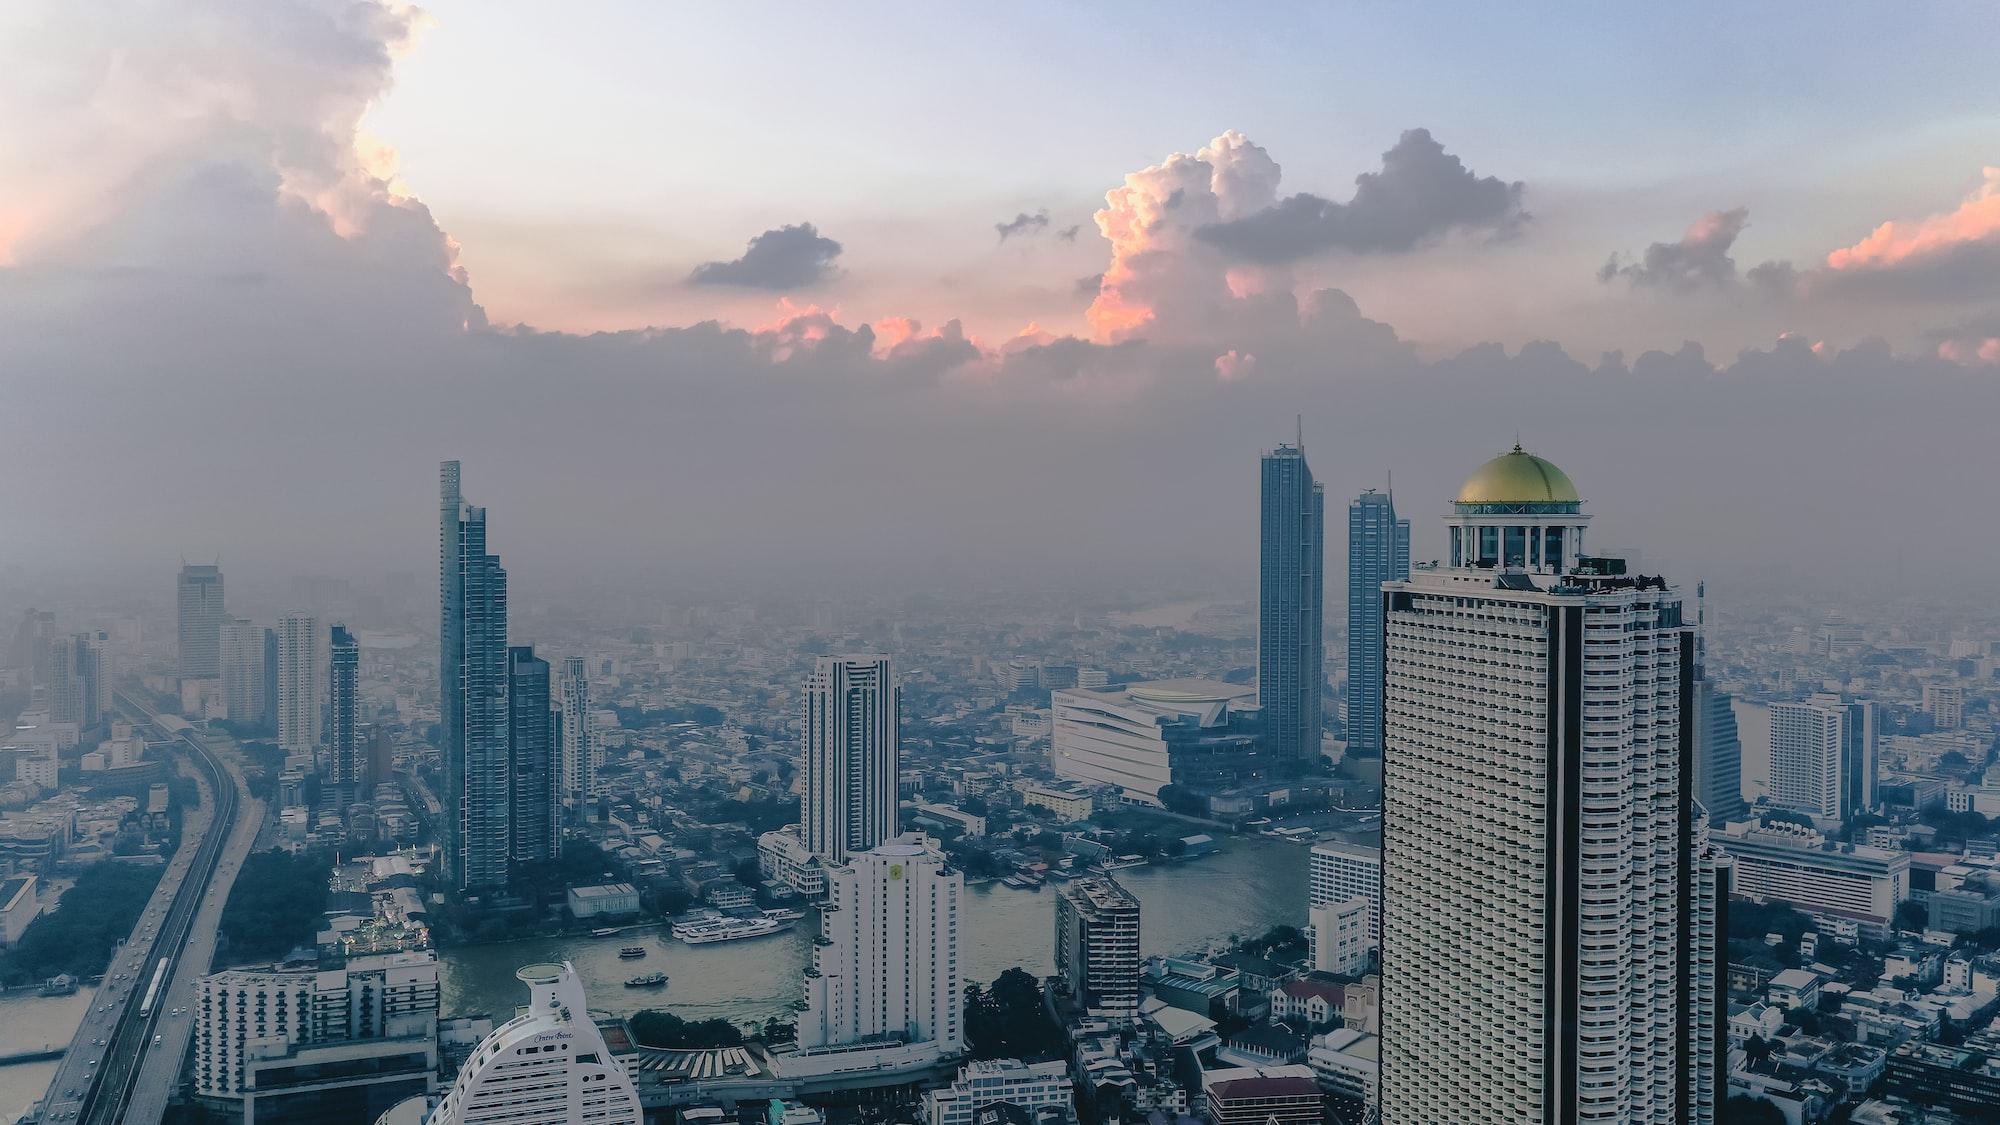 ธนาคารกลางแห่งประเทศไทยขายพันธบัตรกว่า 5 แสนล้านบาทด้วย Blockchain